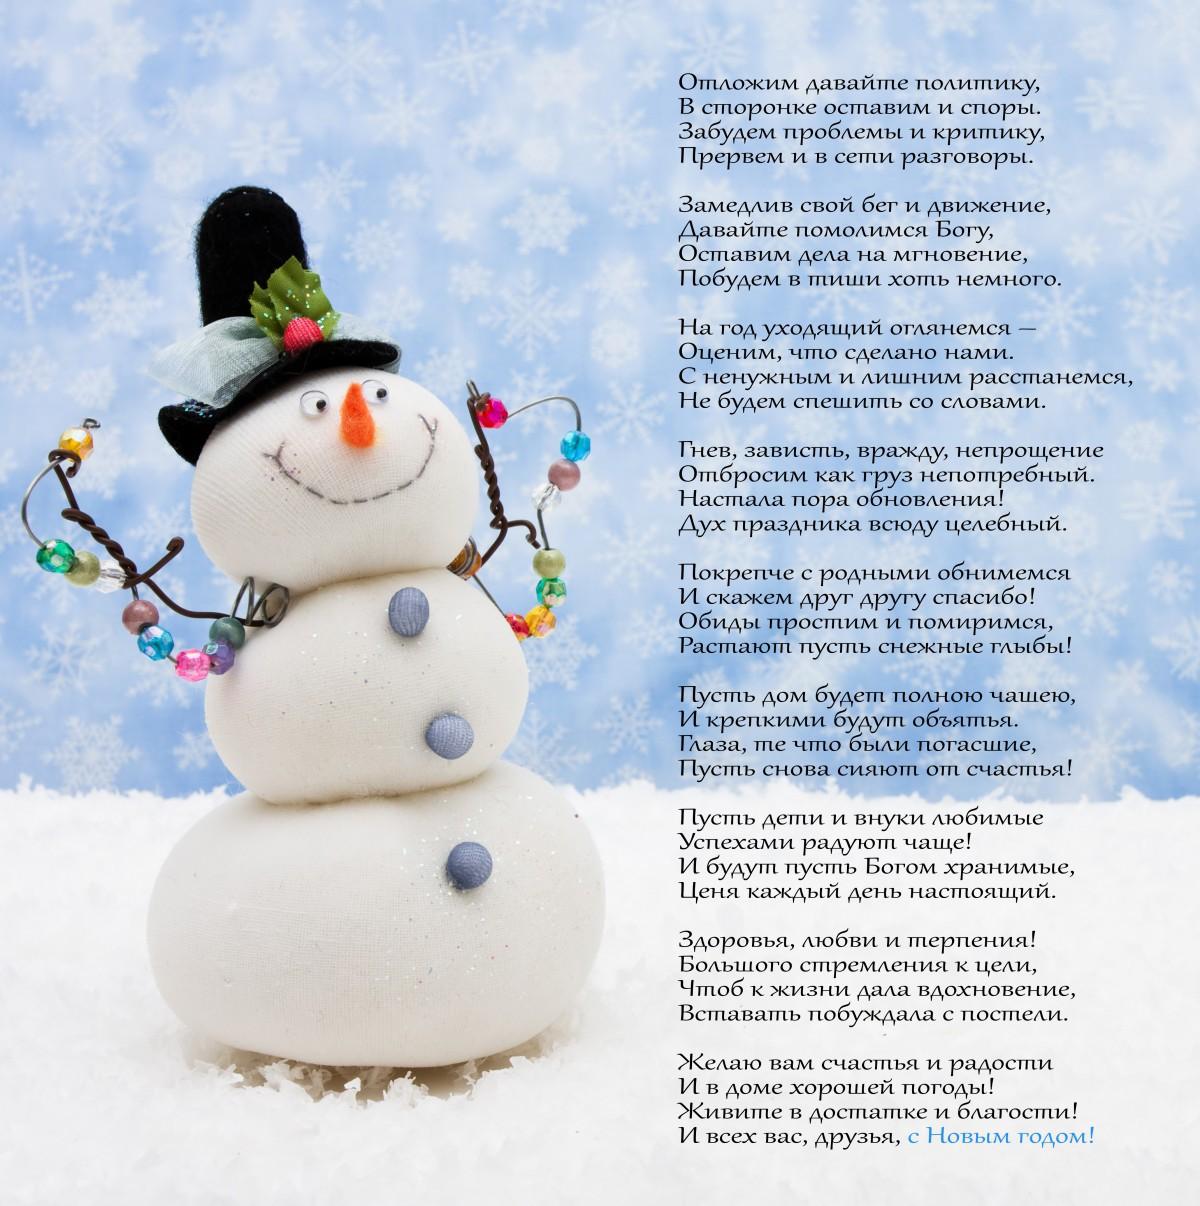 Новогоднее поздравление от бобруйской поэтессы.